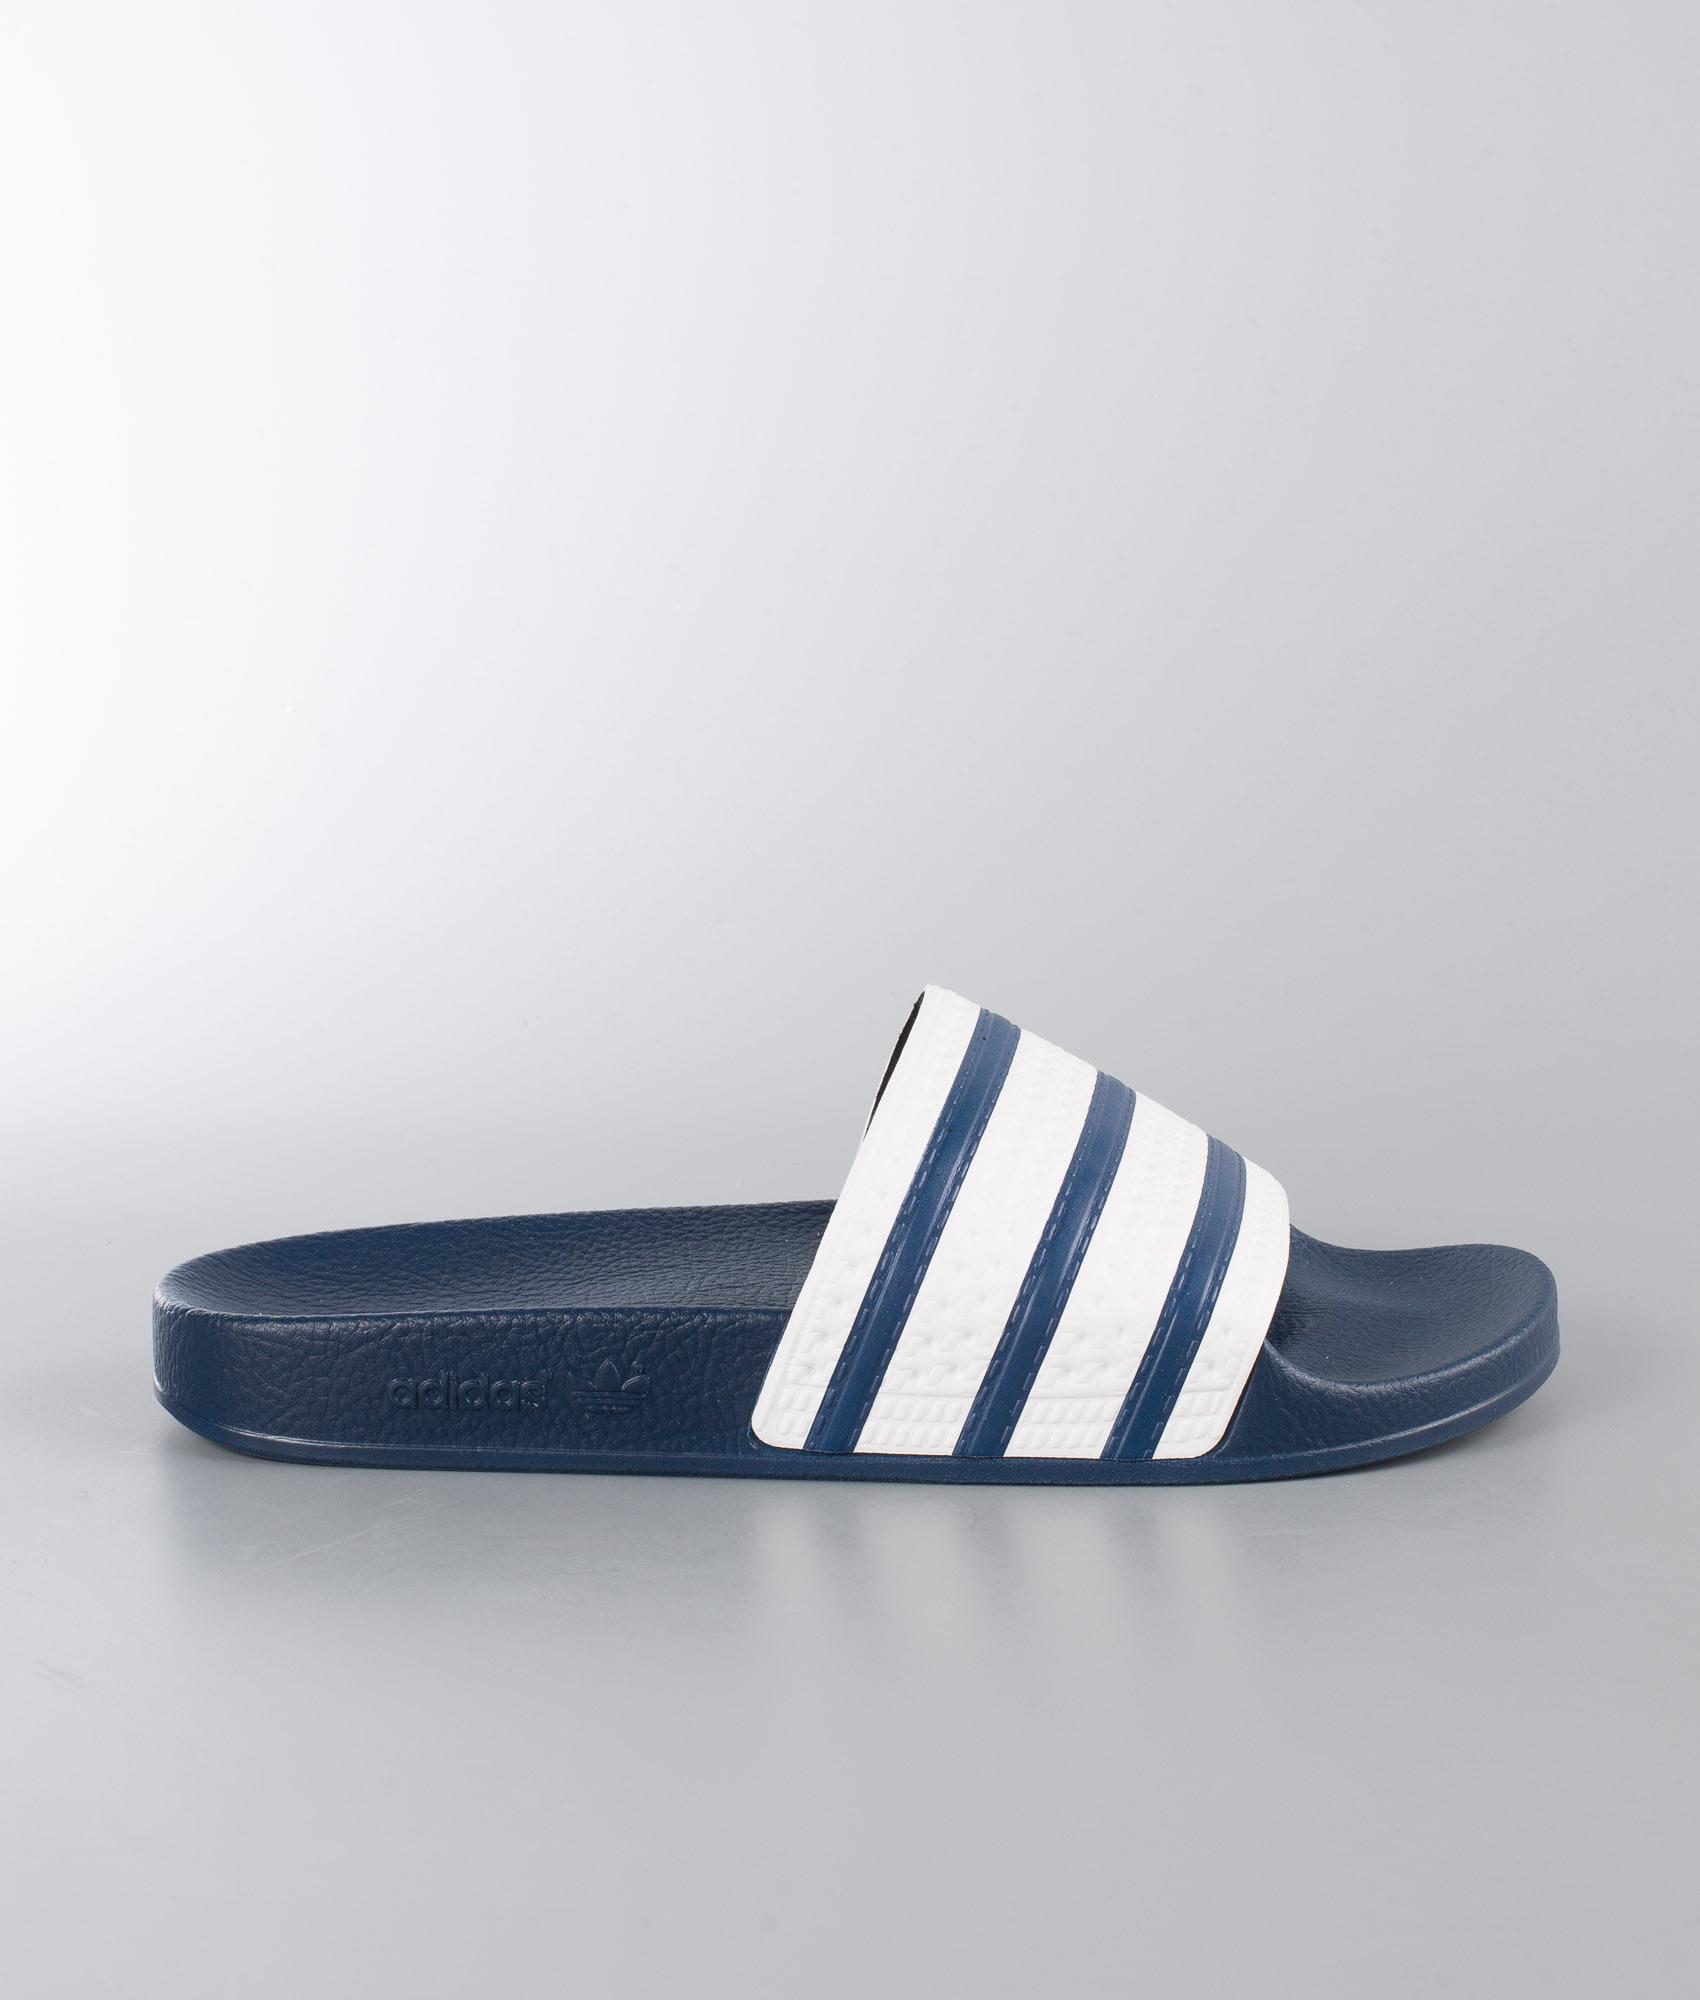 e098f3606218 Adidas Originals Adilette Sandal Adiblue White Adiblue - Ridestore.com